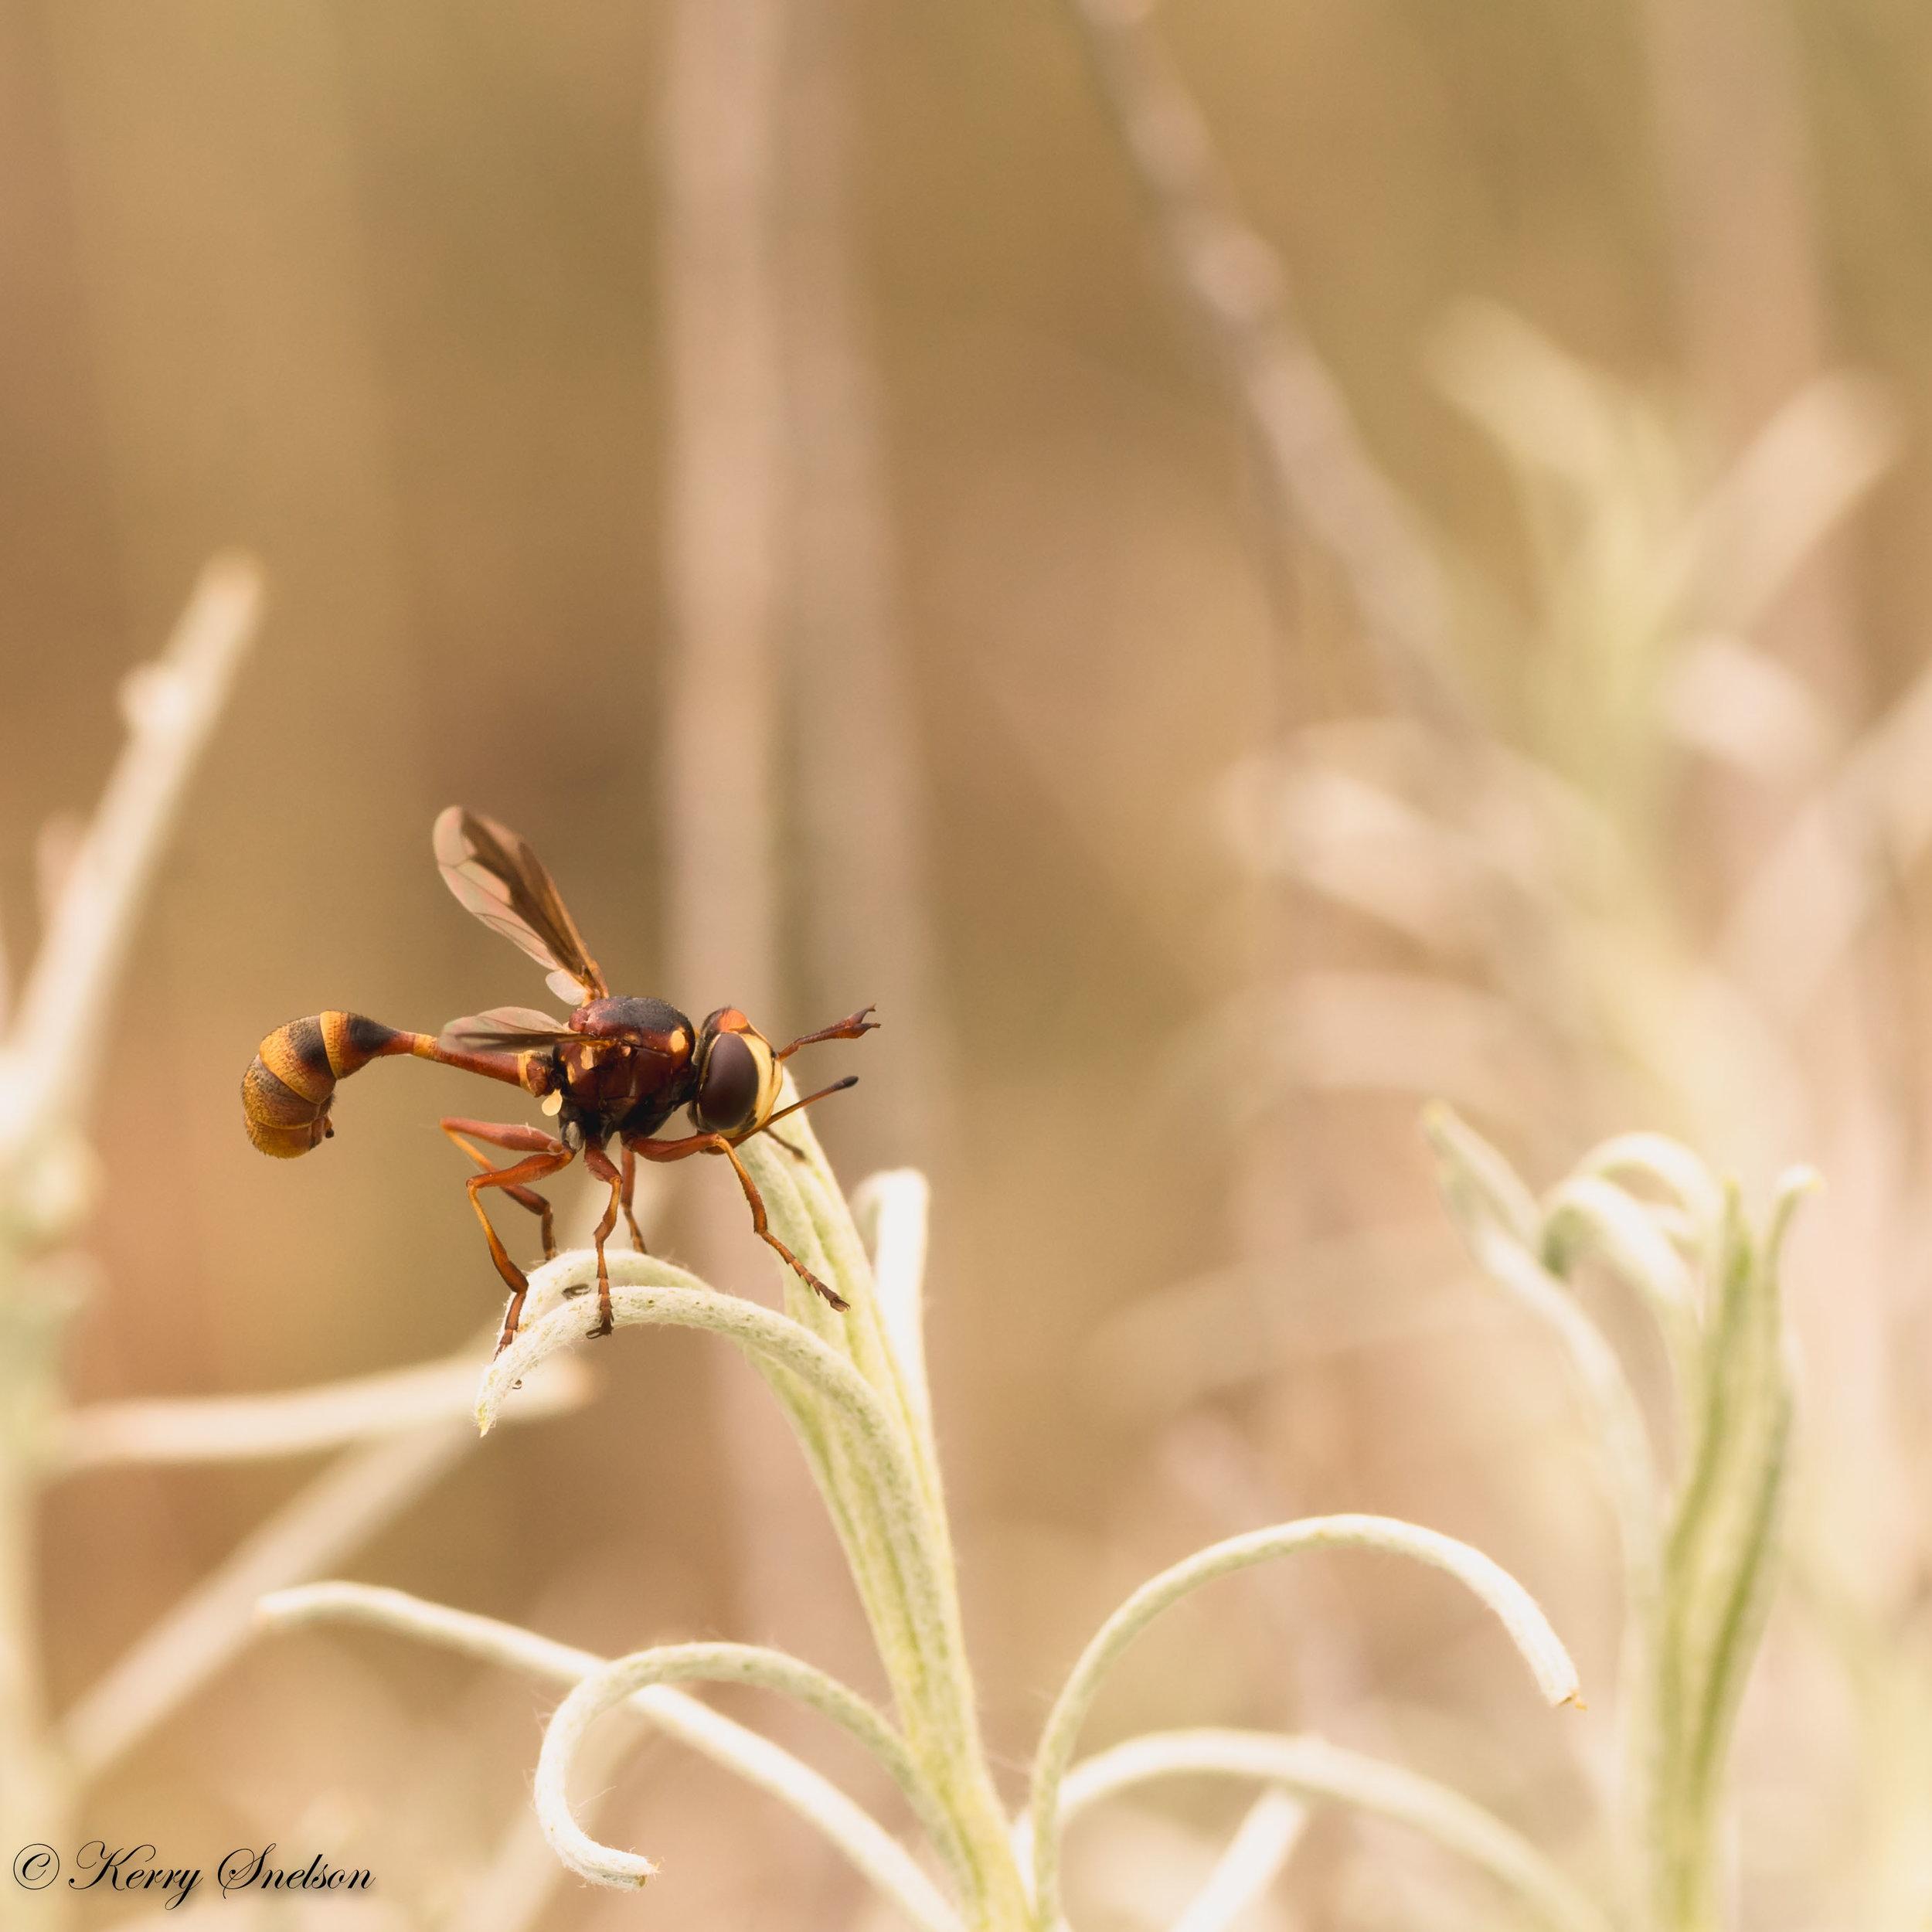 Thick-headed Fly Macro